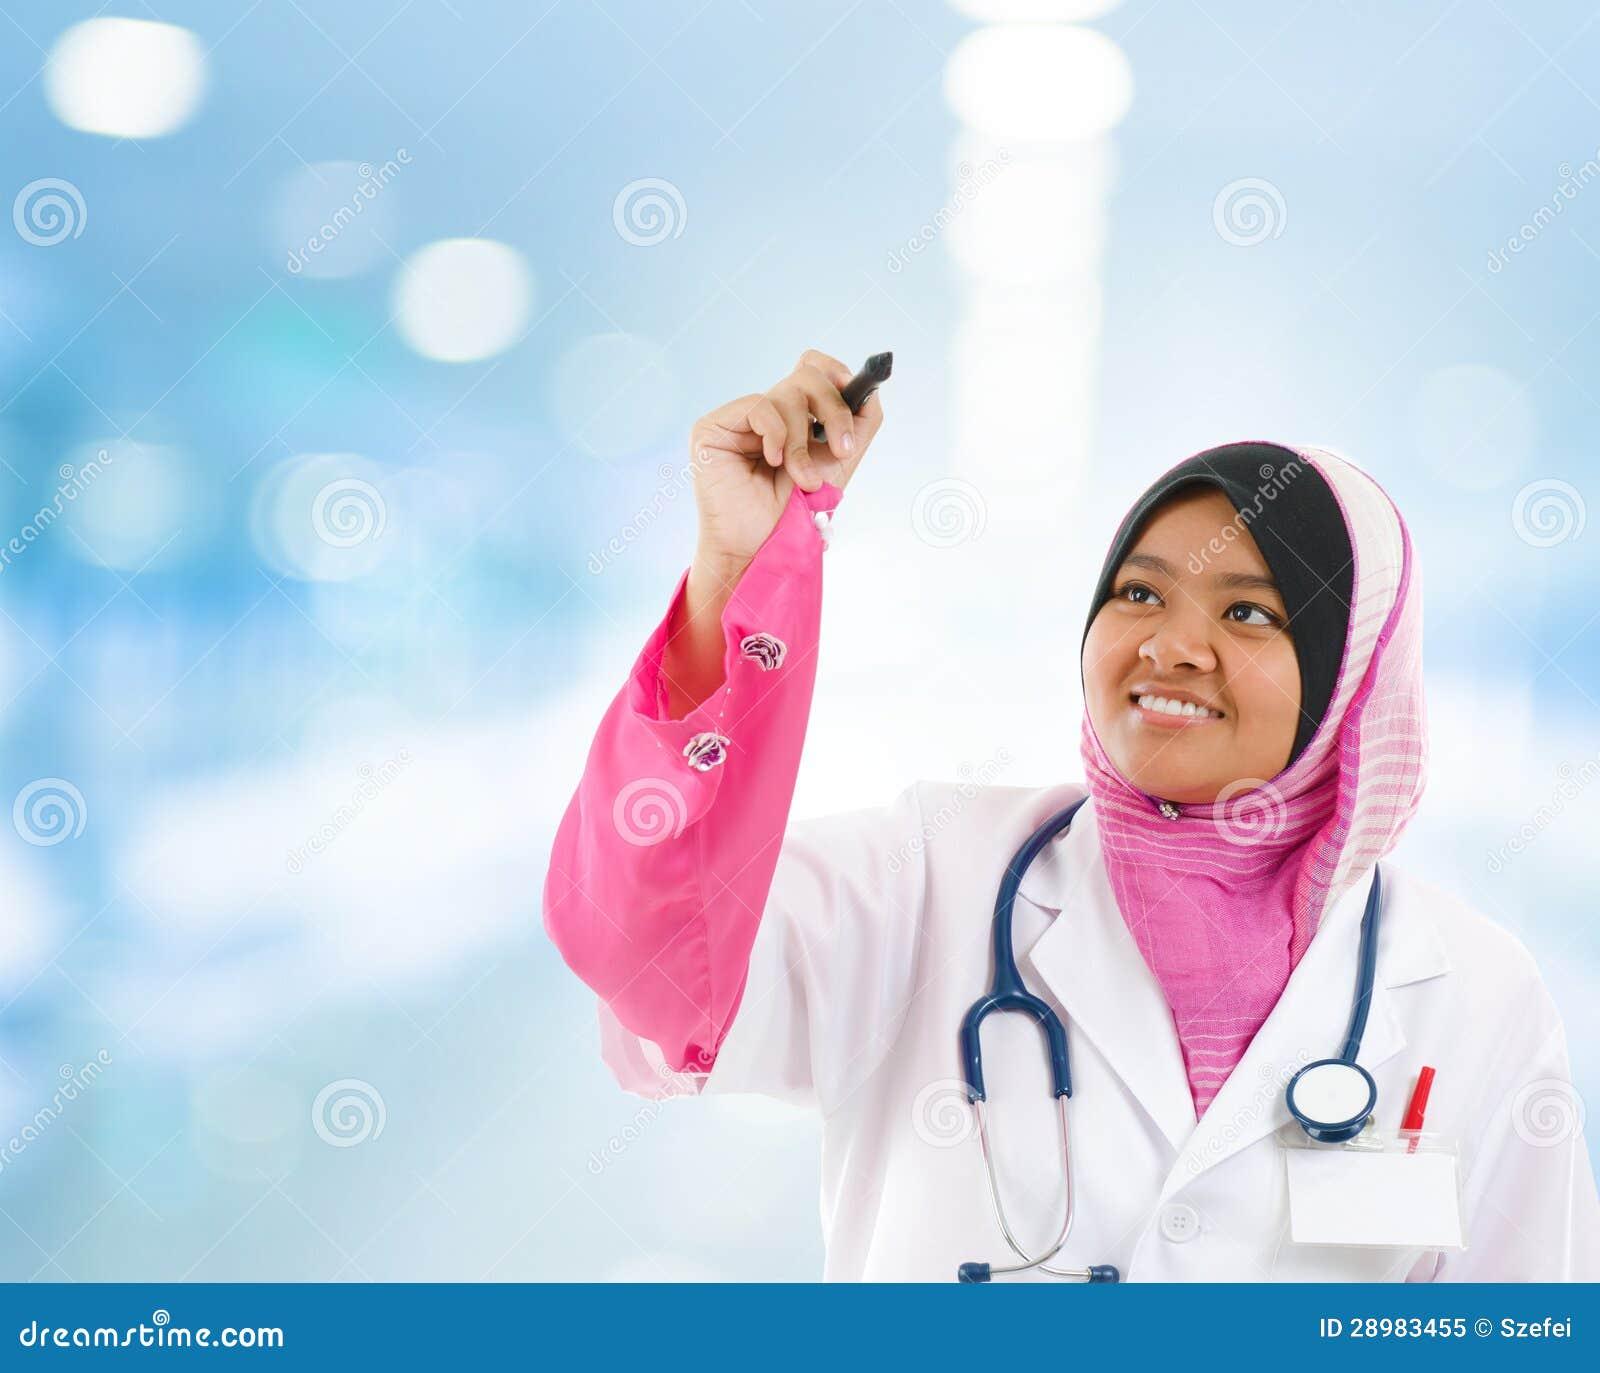 Azji Południowo Wschodniej Muzułmański student medycyny